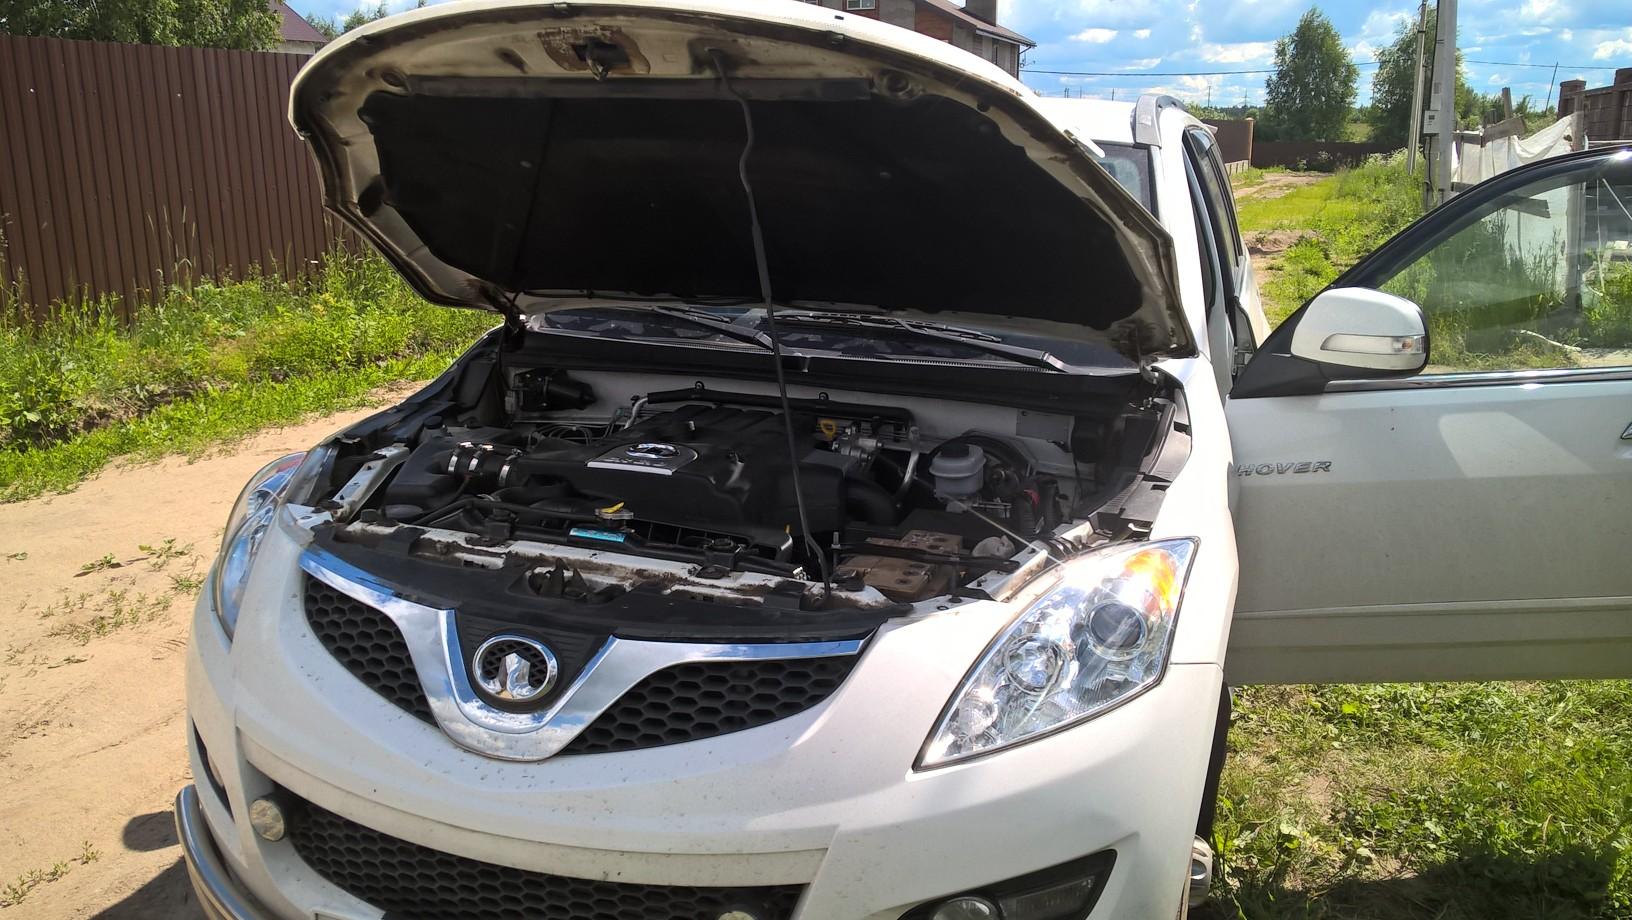 Чип тюнинг Hover 2011 с дизельным двигателем 2 литра